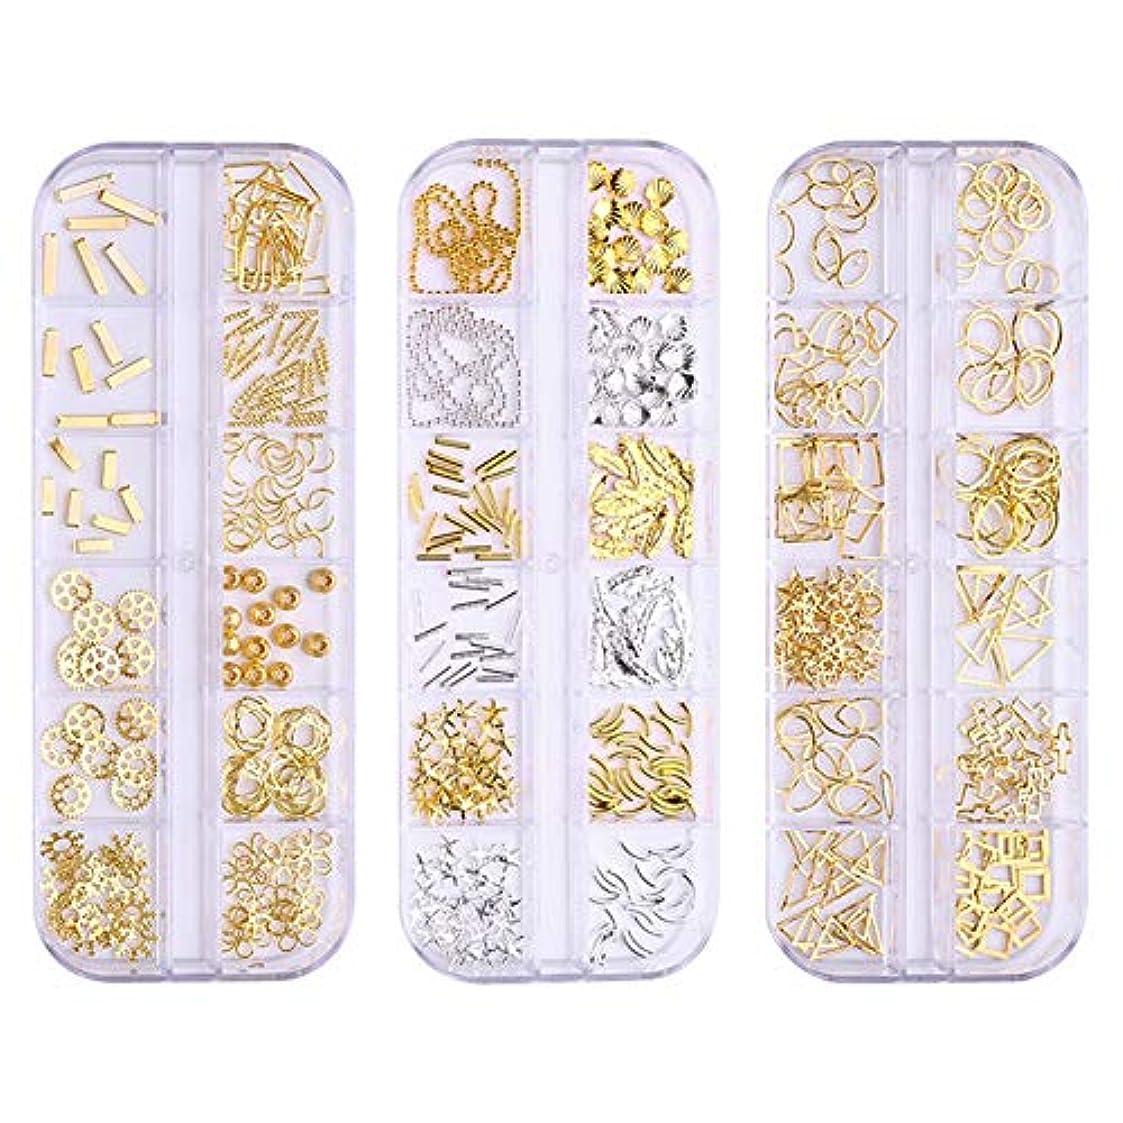 流行しているがっかりする軽BORN PRETTY ネイルデコパーツ3ボックスセット ネイル フレームパーツ 12個口ケース入り 形いろいろミックス ヘアアクセ デコパーツ ミックス 手芸 ハンドメイド アクセサリー製作